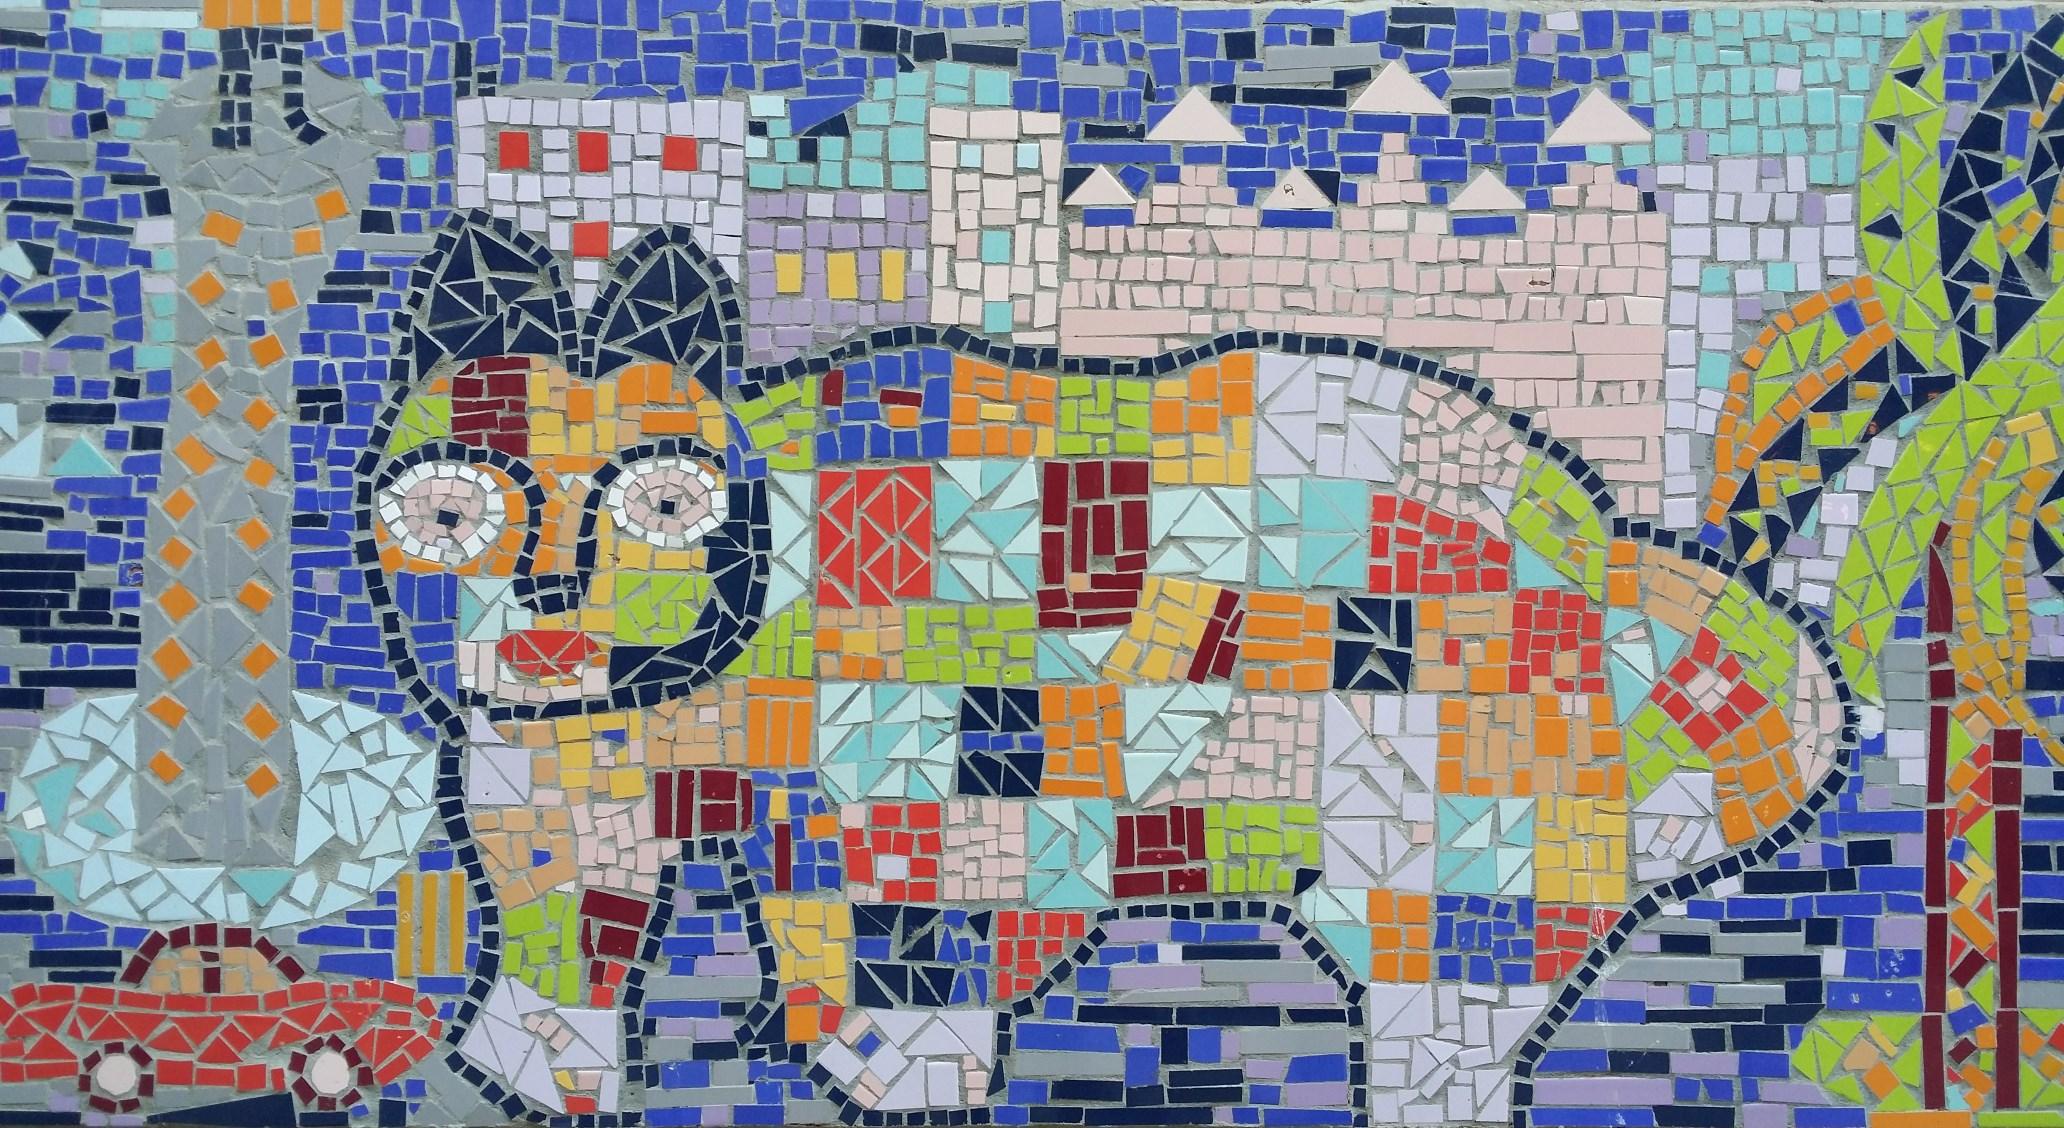 Ciutat Vella. C. Sant Pau 89. Mosaic de tessel·les. Foto: M. Molinas